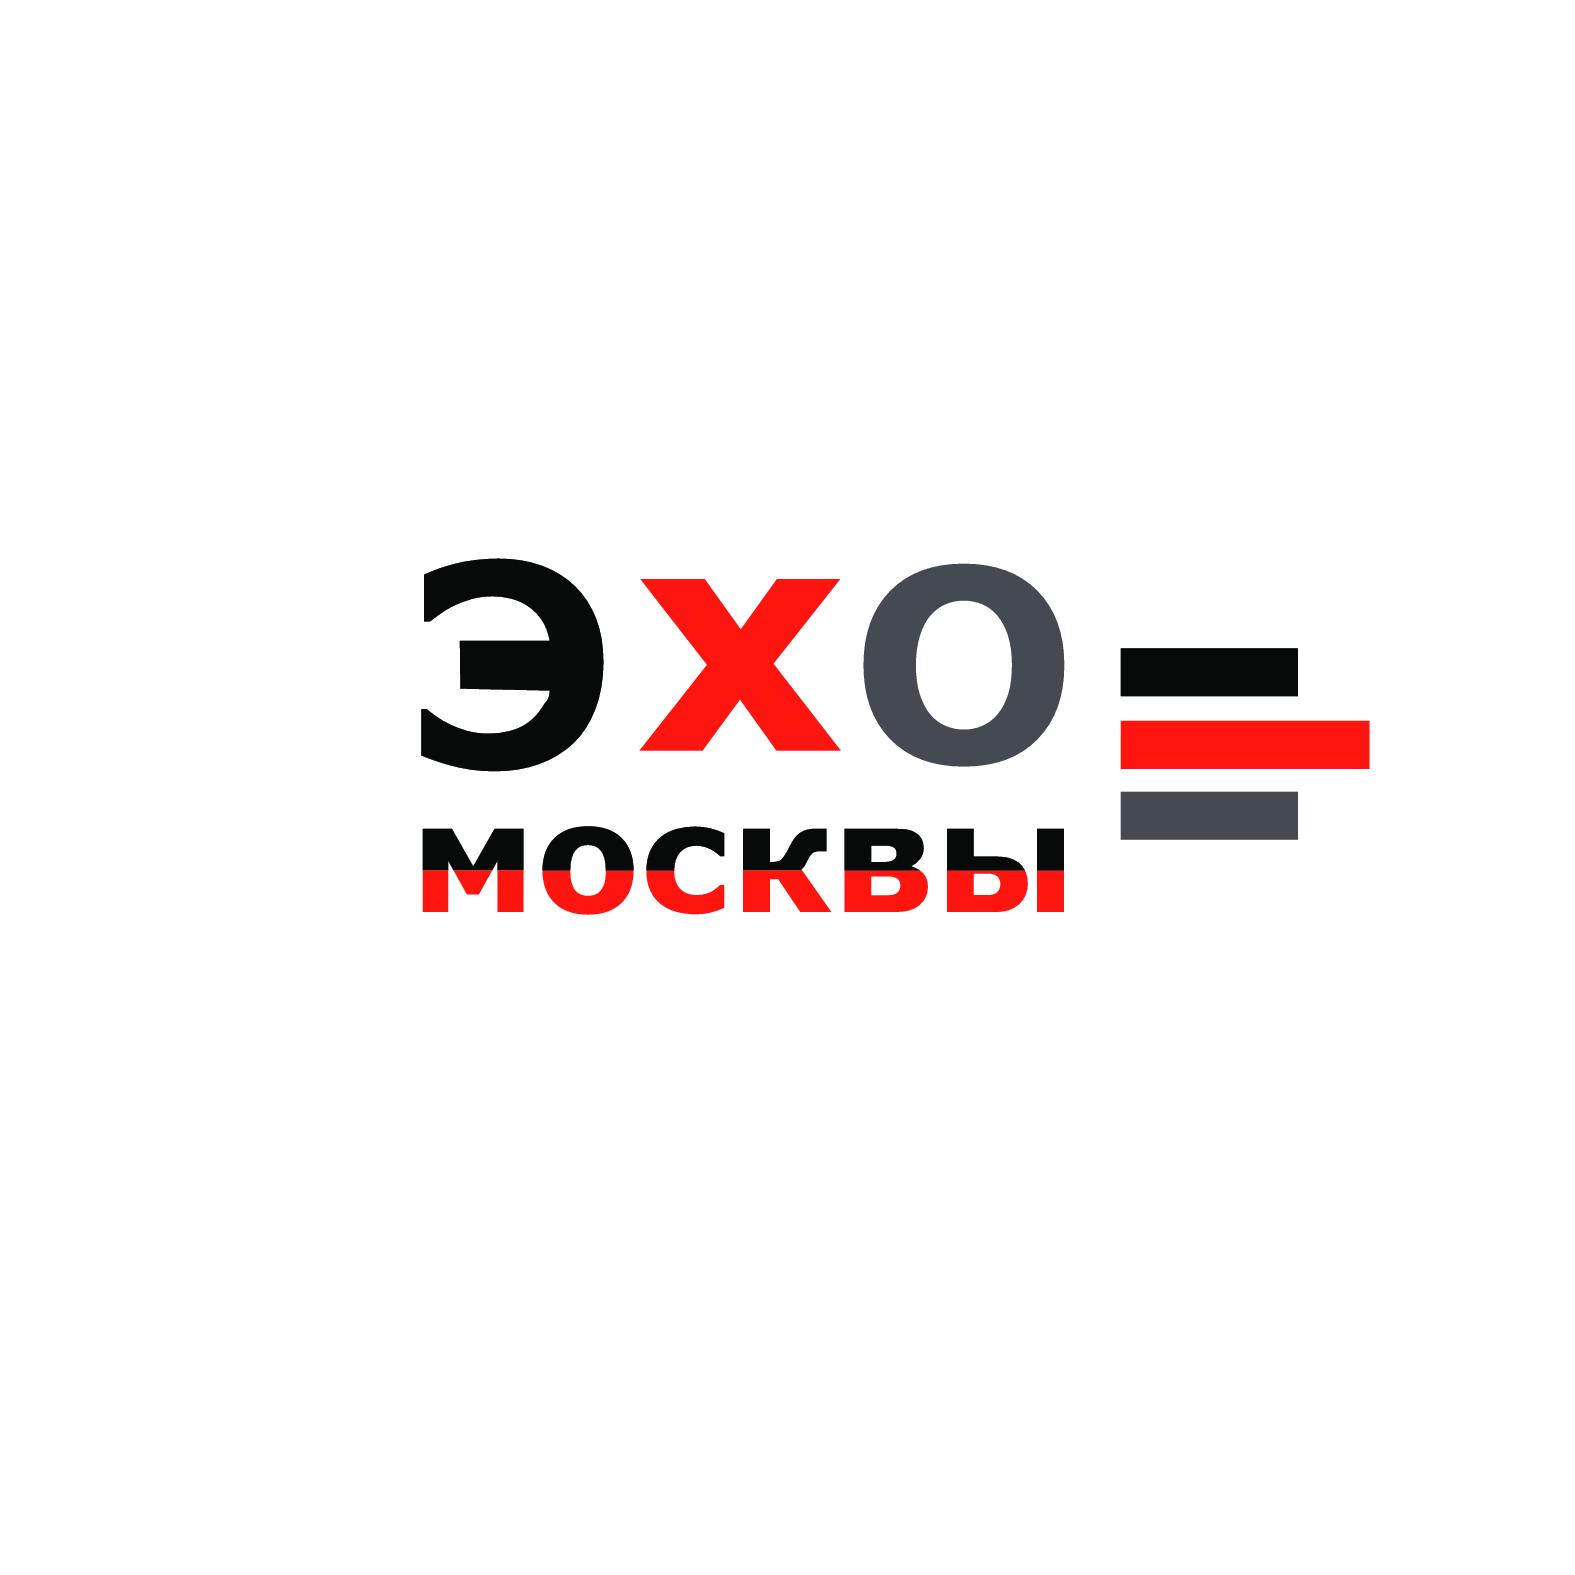 Дизайн логотипа р/с Эхо Москвы. фото f_2725622ac4b96c31.png